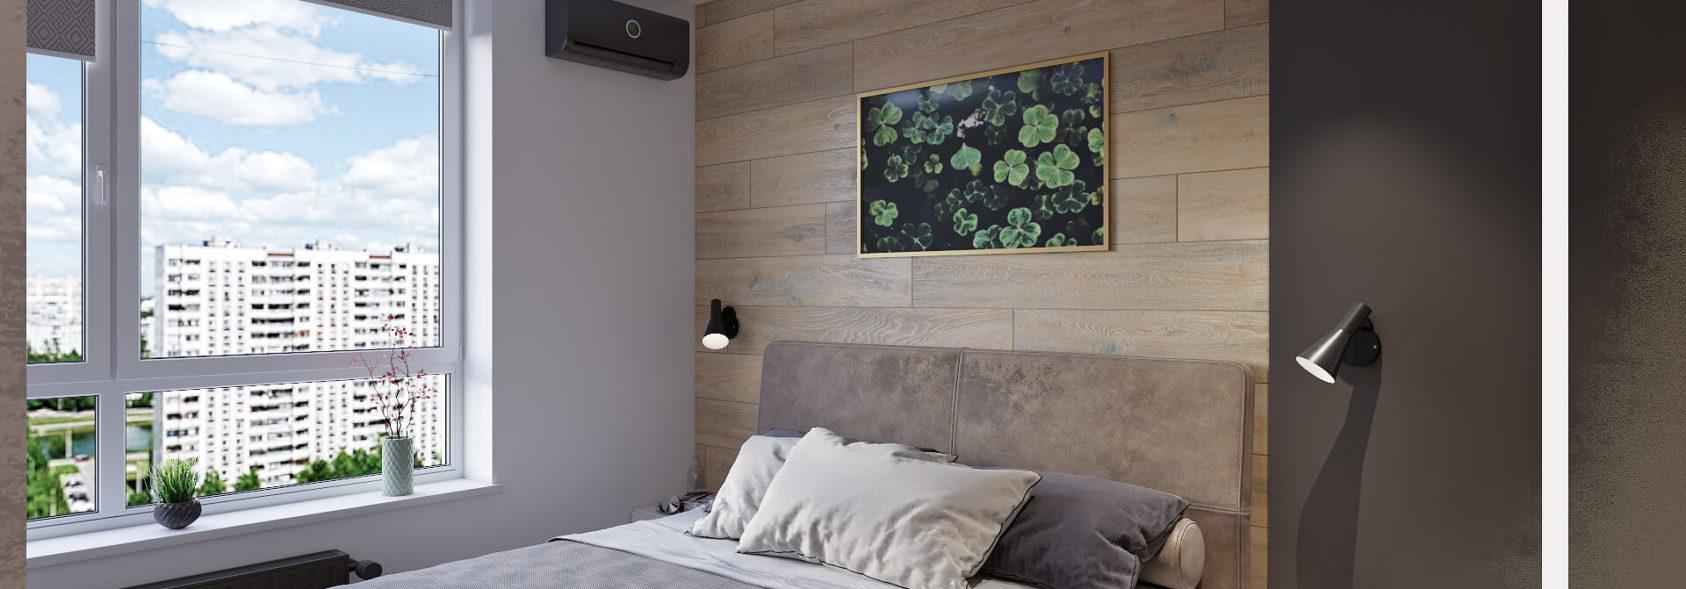 Дизайн интерьера гостевой спальни Киев